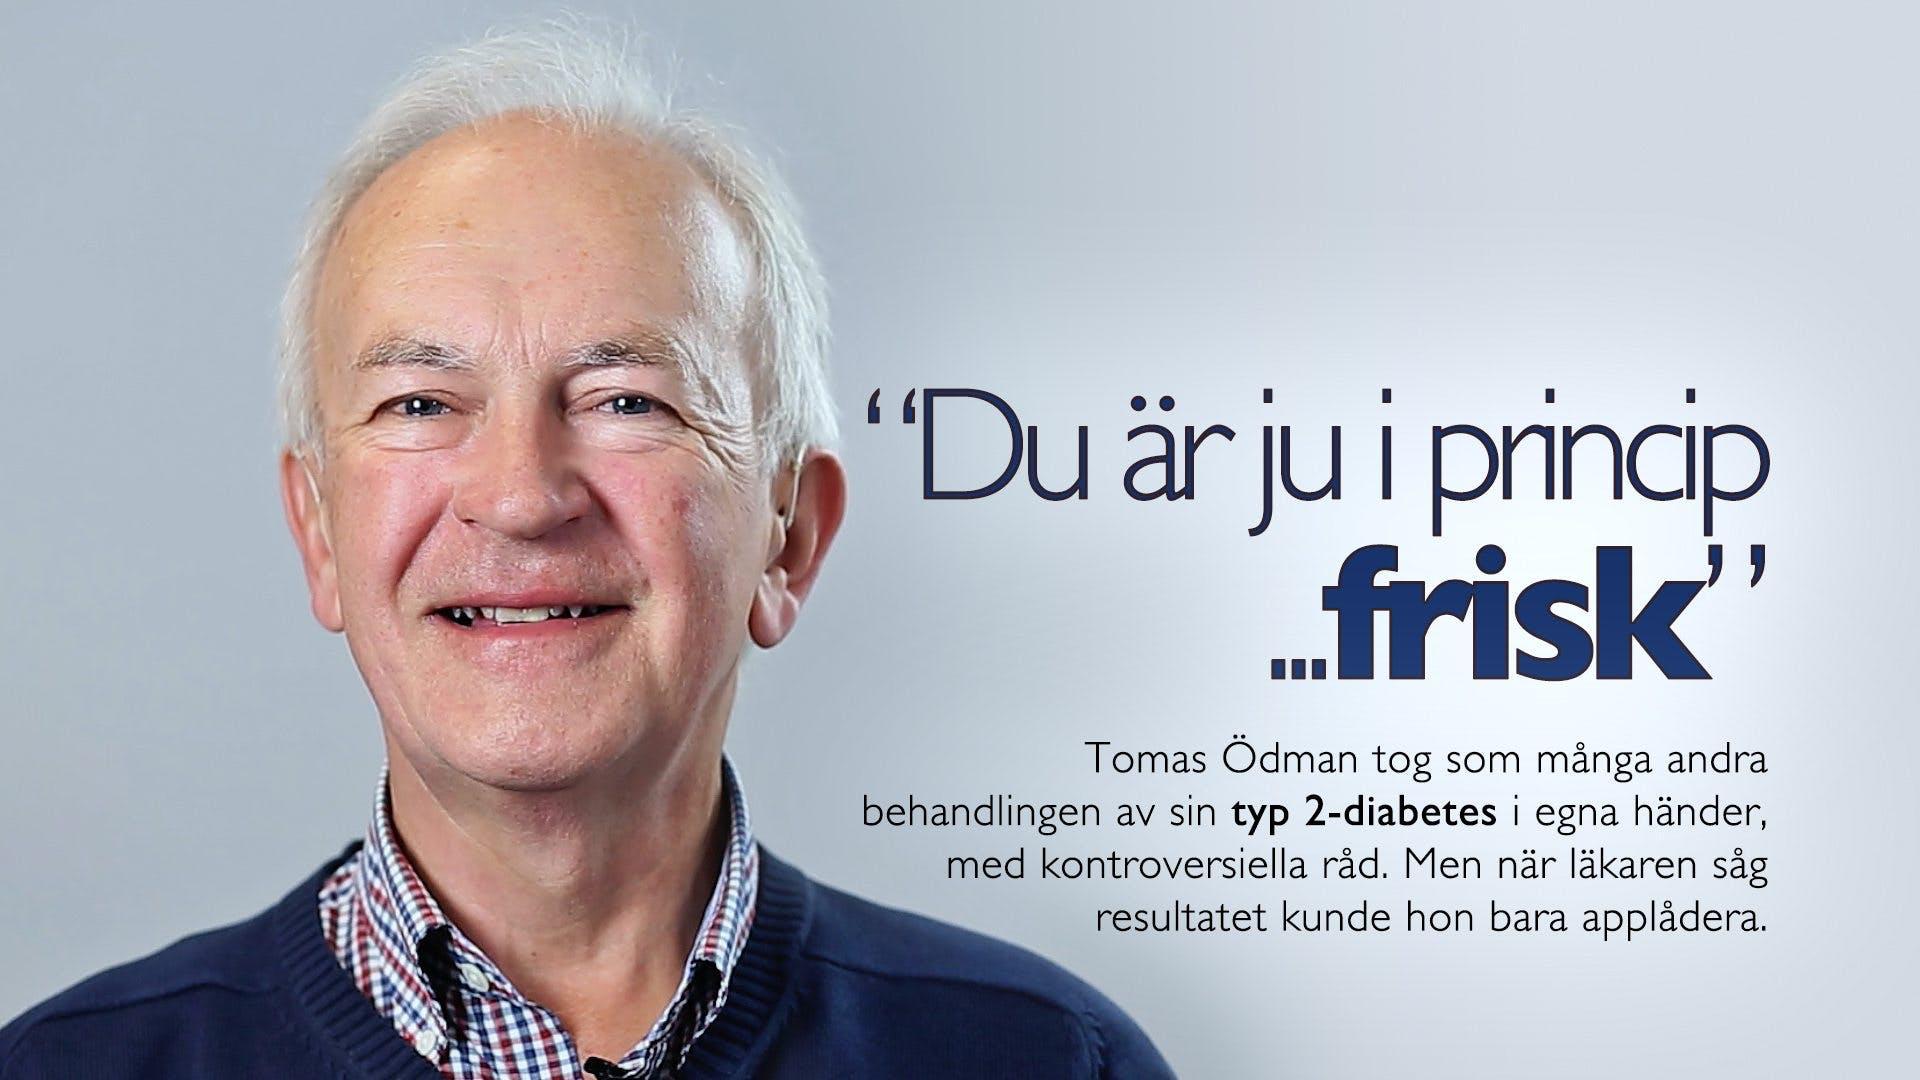 Intervju med Tomas Ödman - typ 2-diabetiker